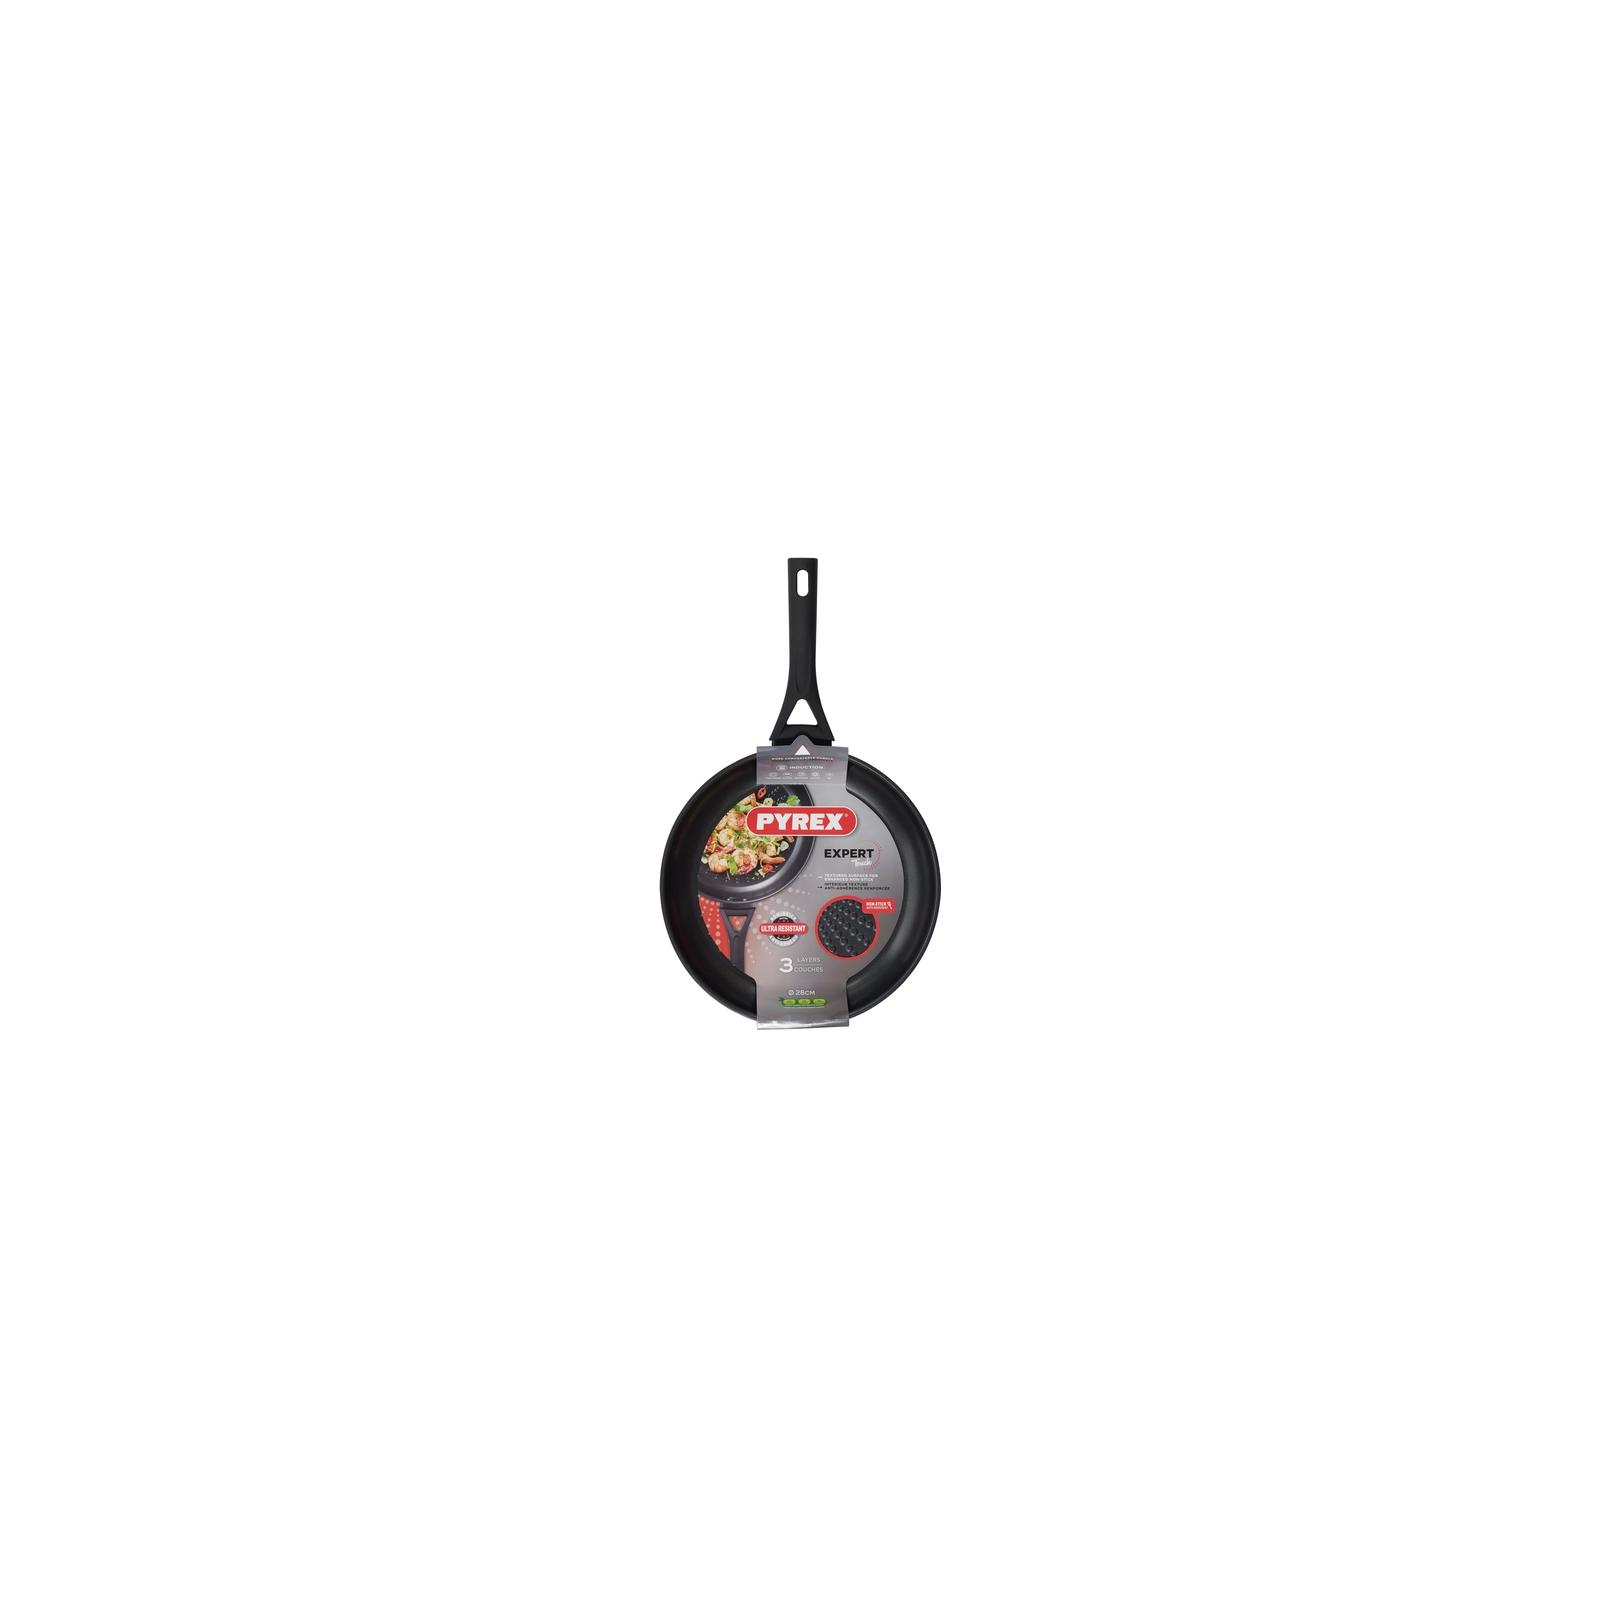 Сковорода Pyrex Expert Touch 28 см (ET28BFX) изображение 4